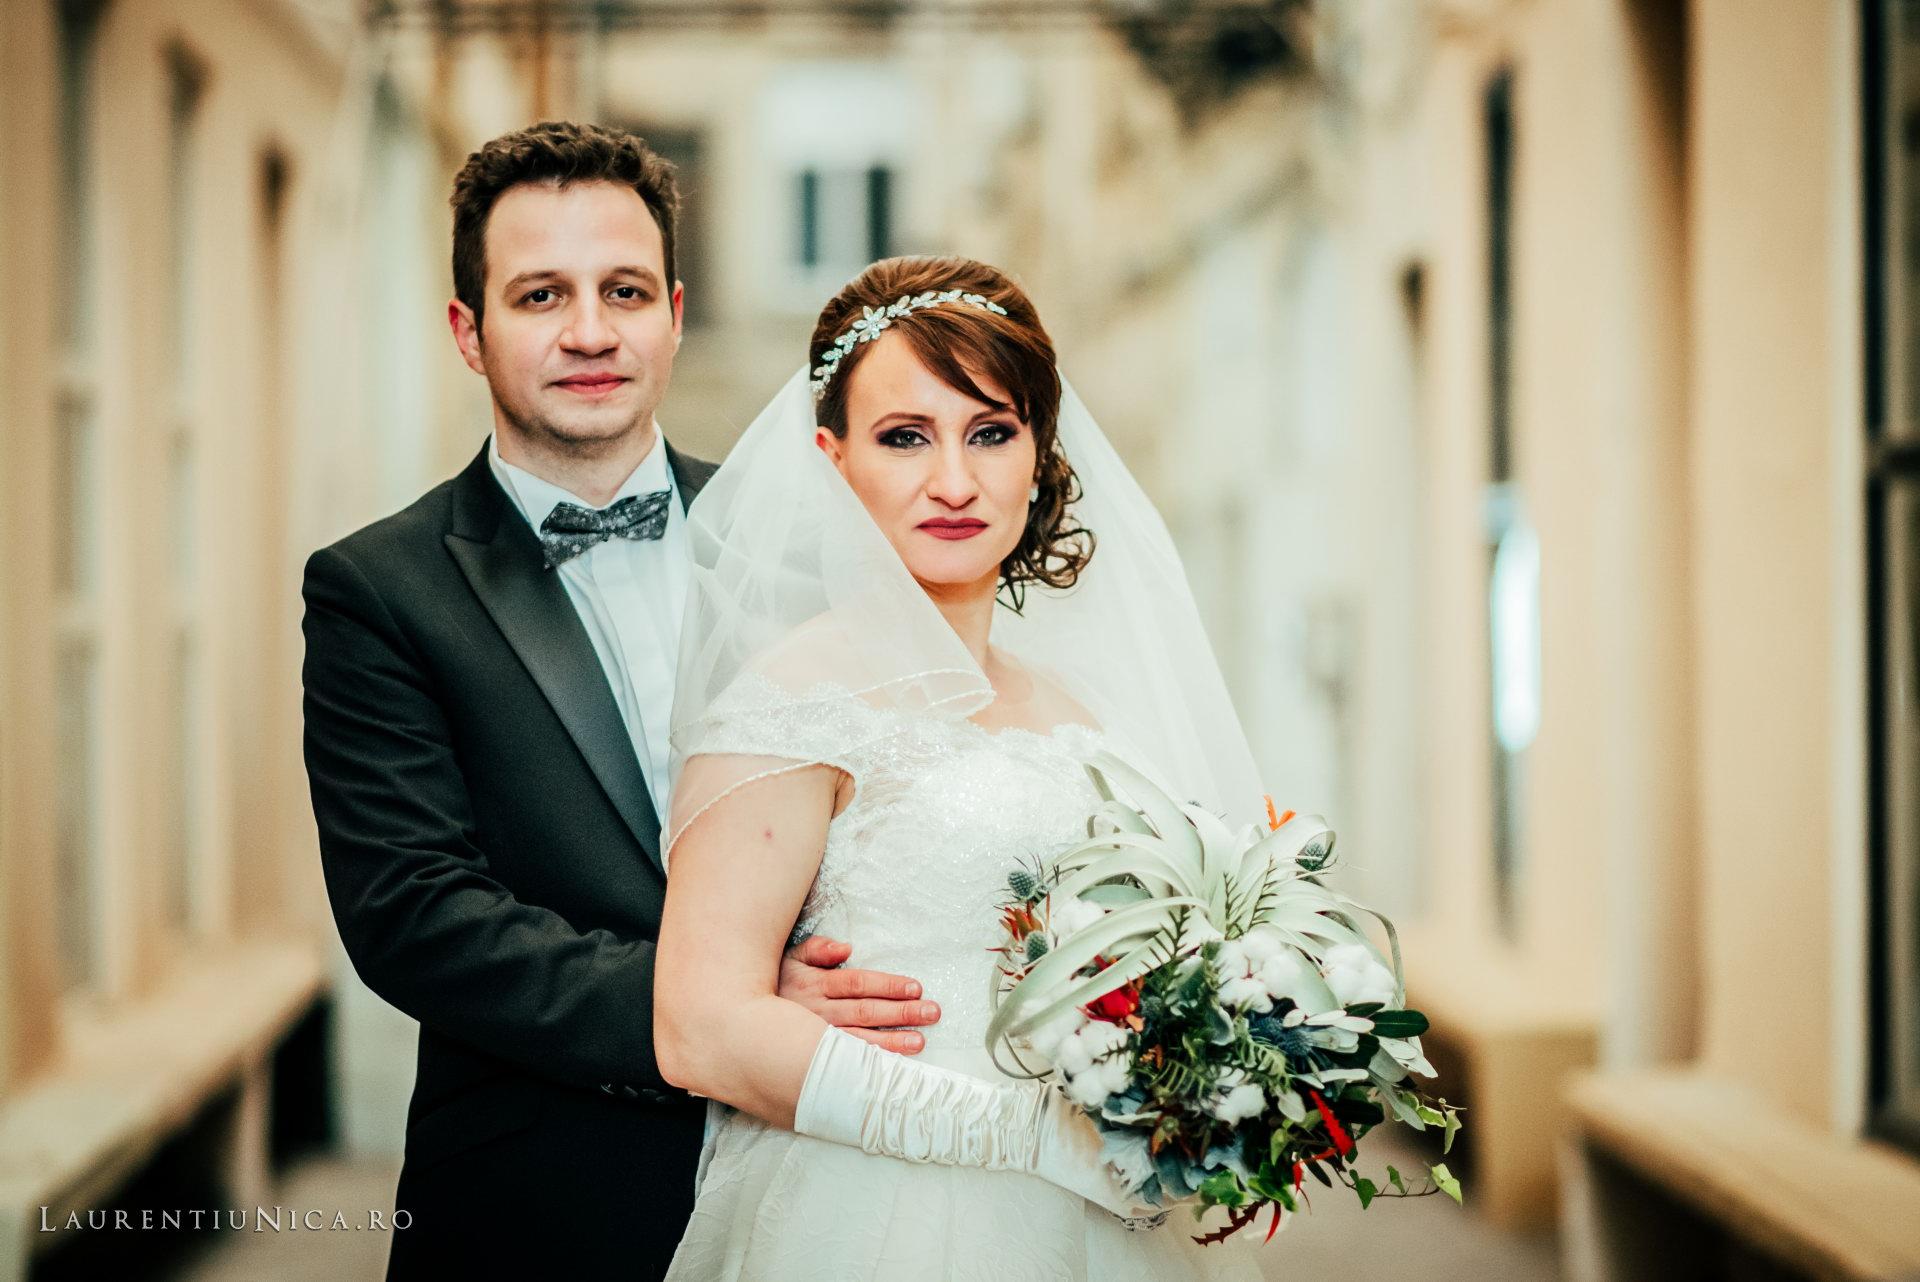 daniela si marius fotografii nunta craiova laurentiu nica39 - Daniela & Marius | Fotografii nunta